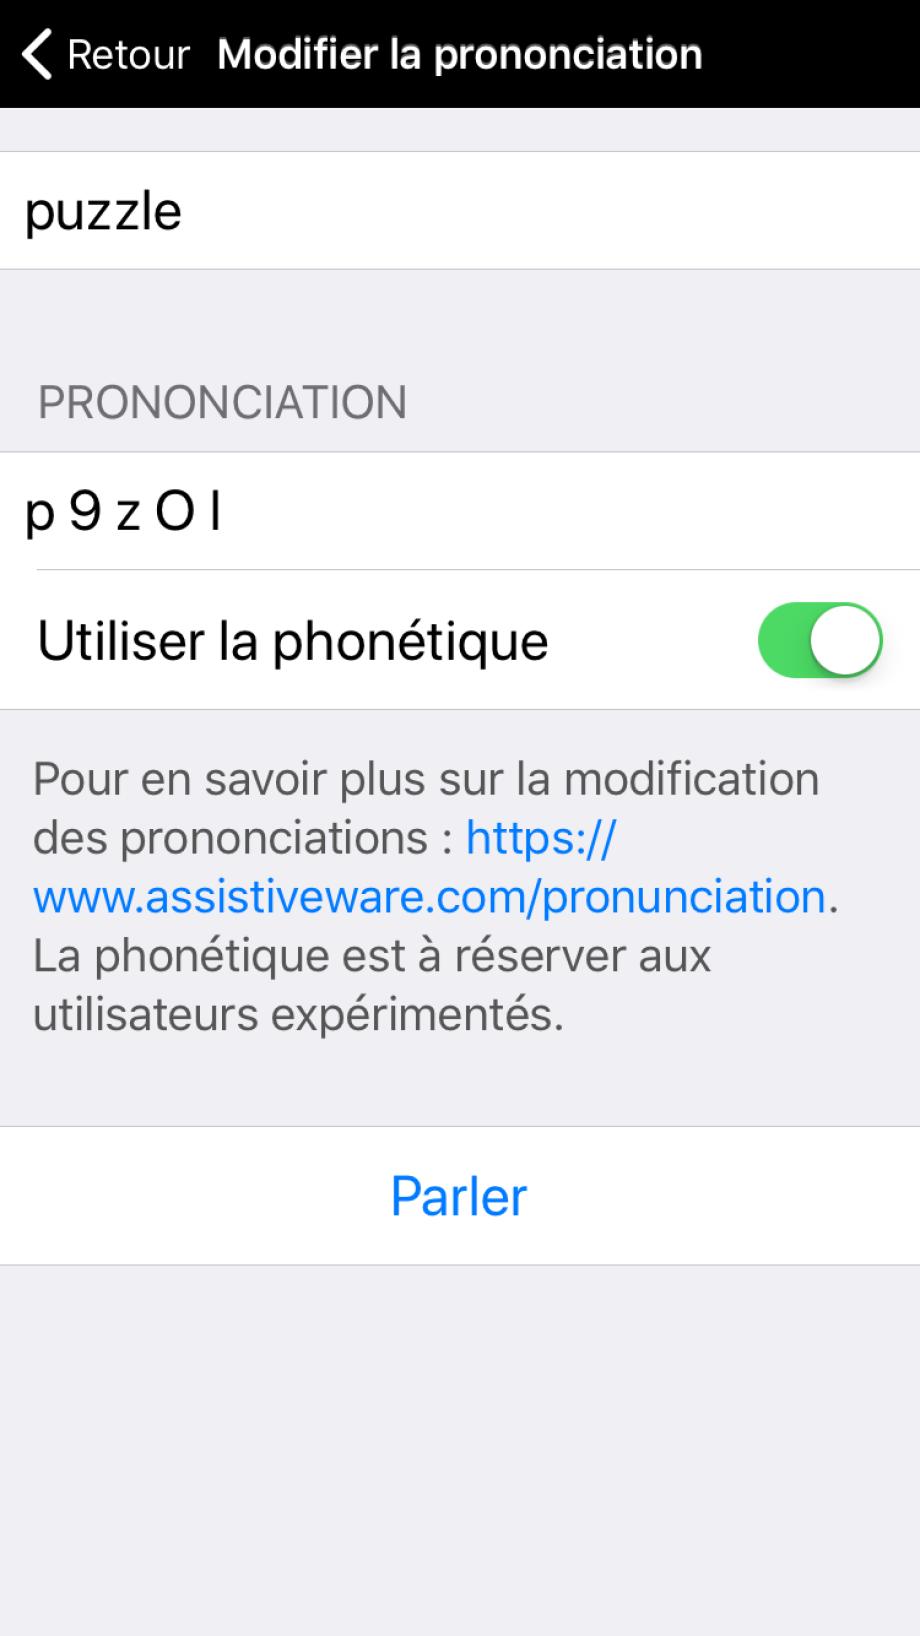 Prononciation d'un mot modifiée avec des codes phonétiques